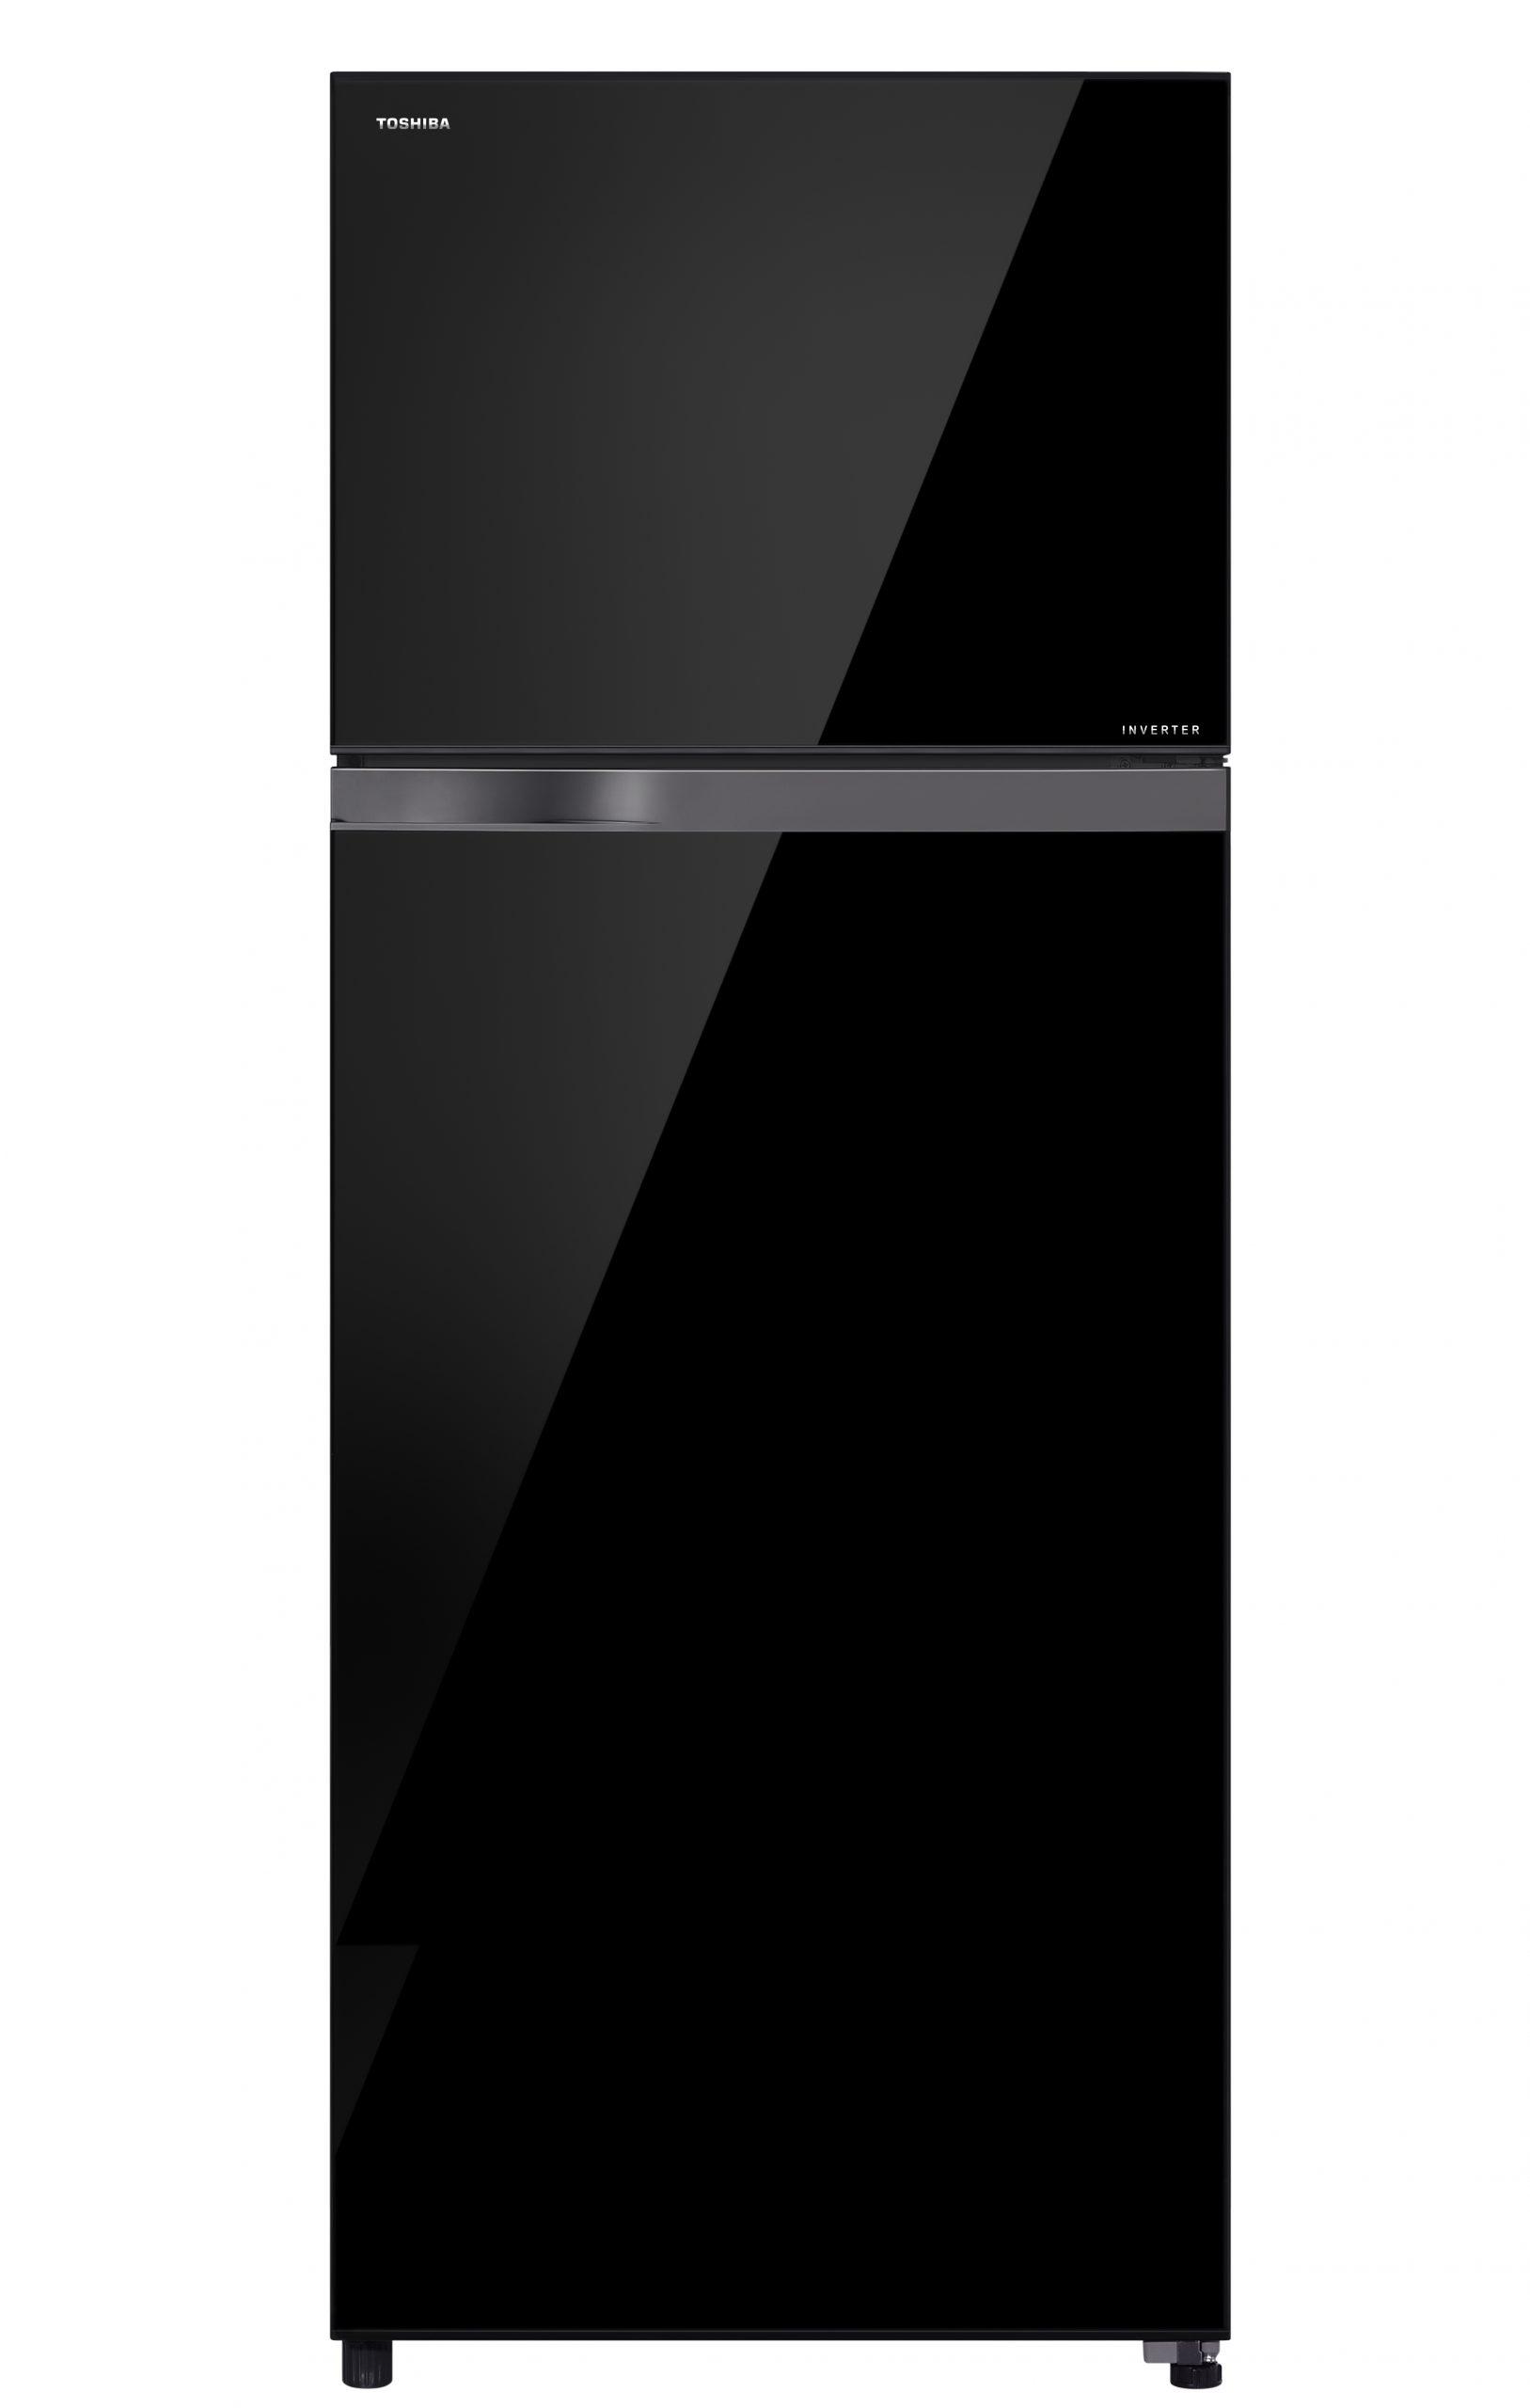 Soyuducu Toshiba GR-AG565UDZ-C(XK)  - 1